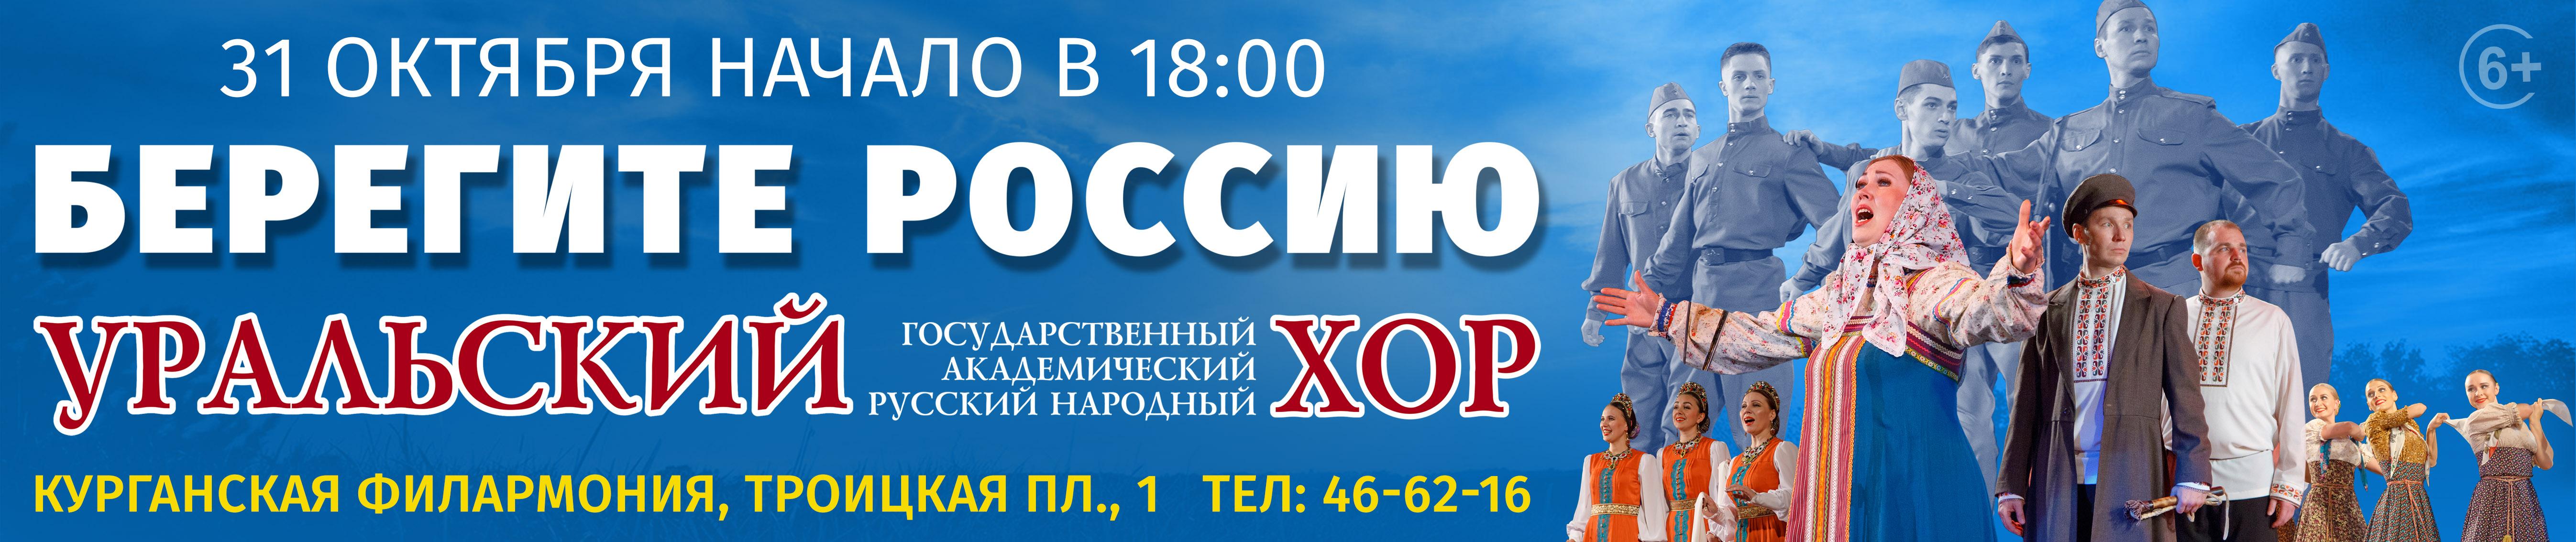 Уральский хор